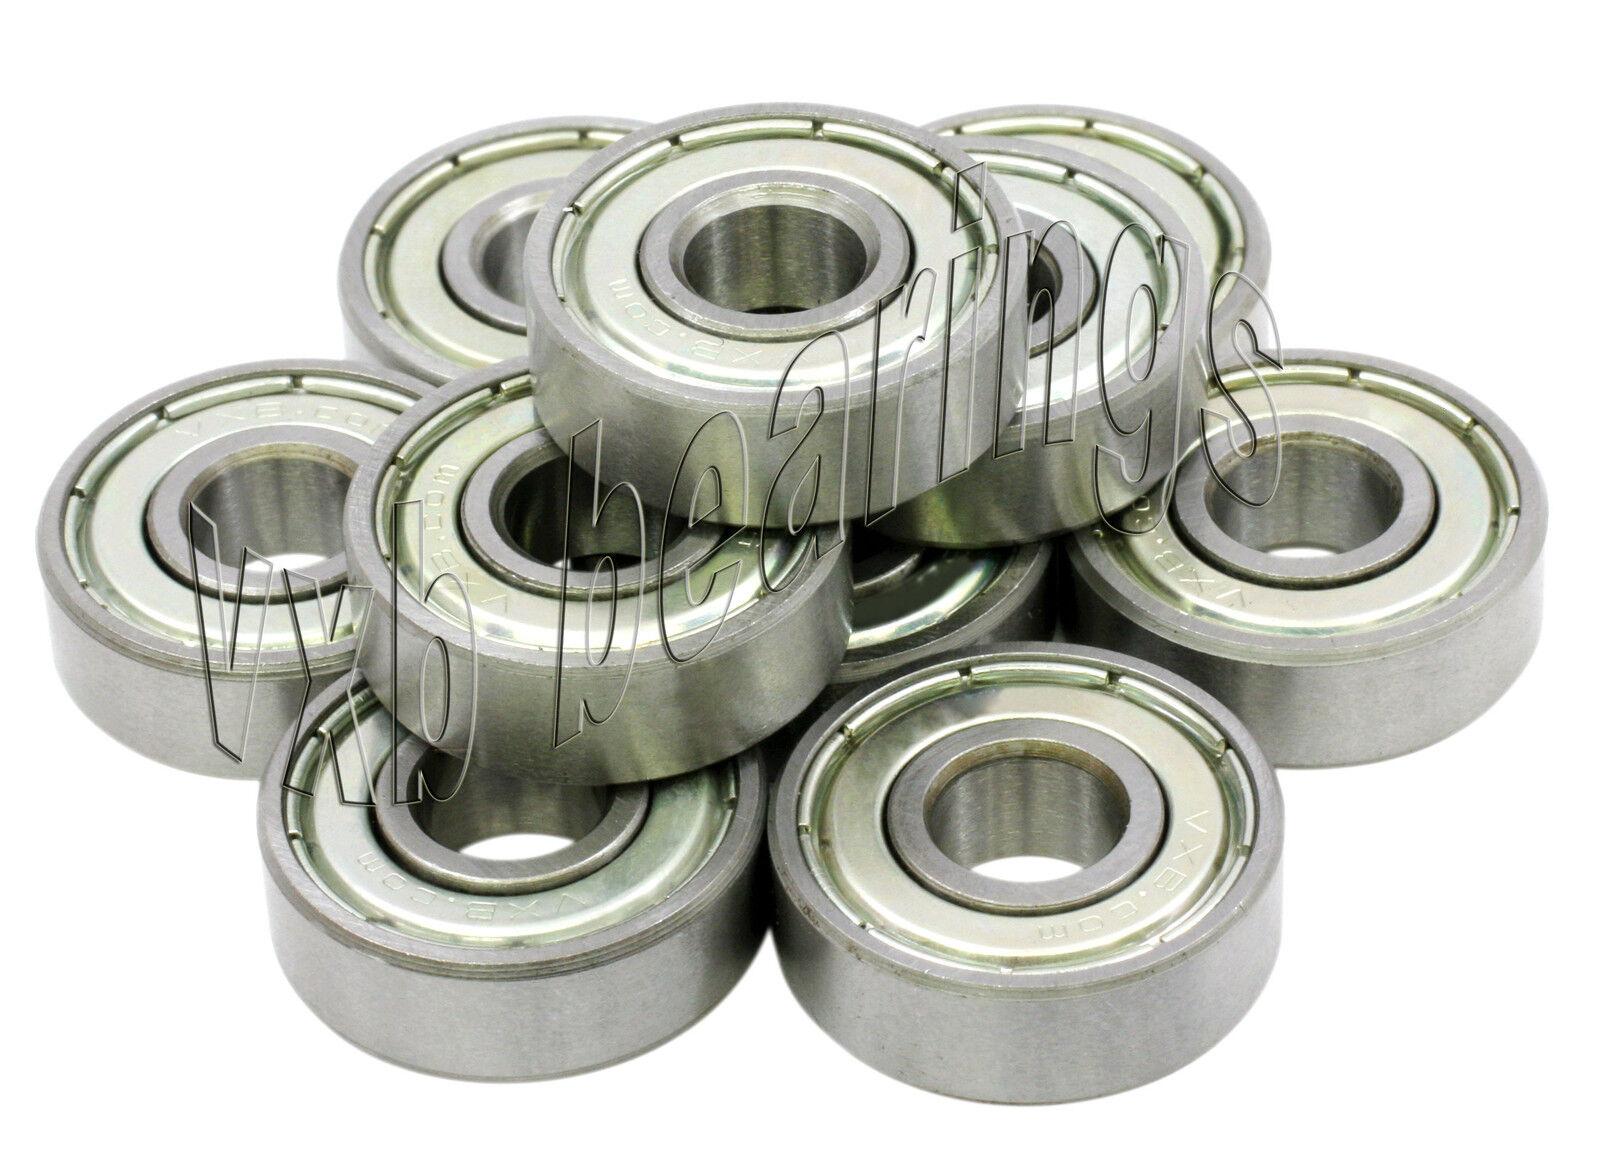 10 Bearing 6x16 Shielded 6x16x6 Miniature Ball Bearings 916